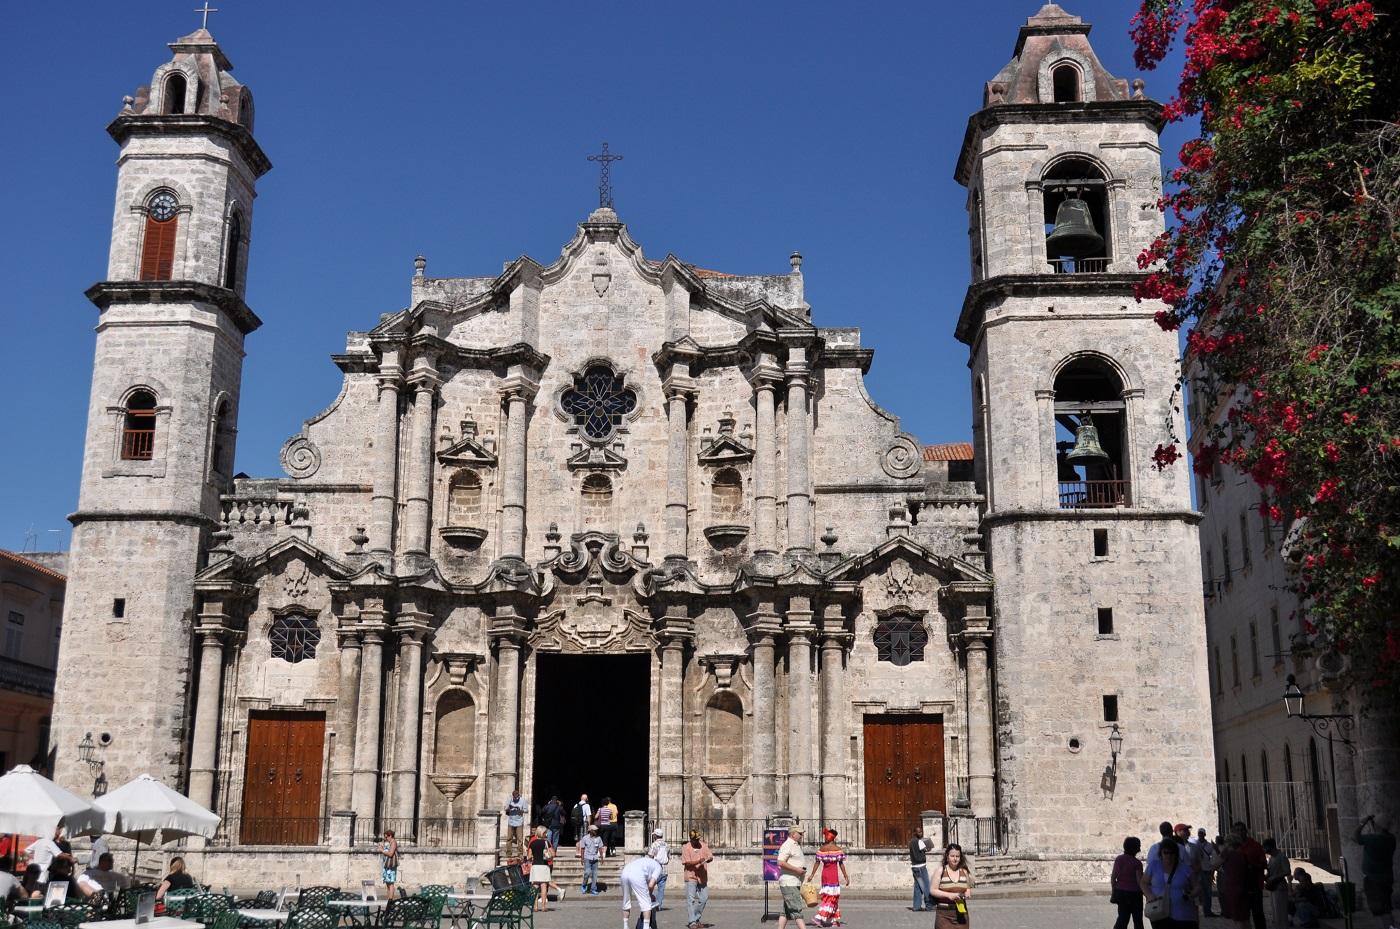 Catedrala din Havana, o construcție superbă!